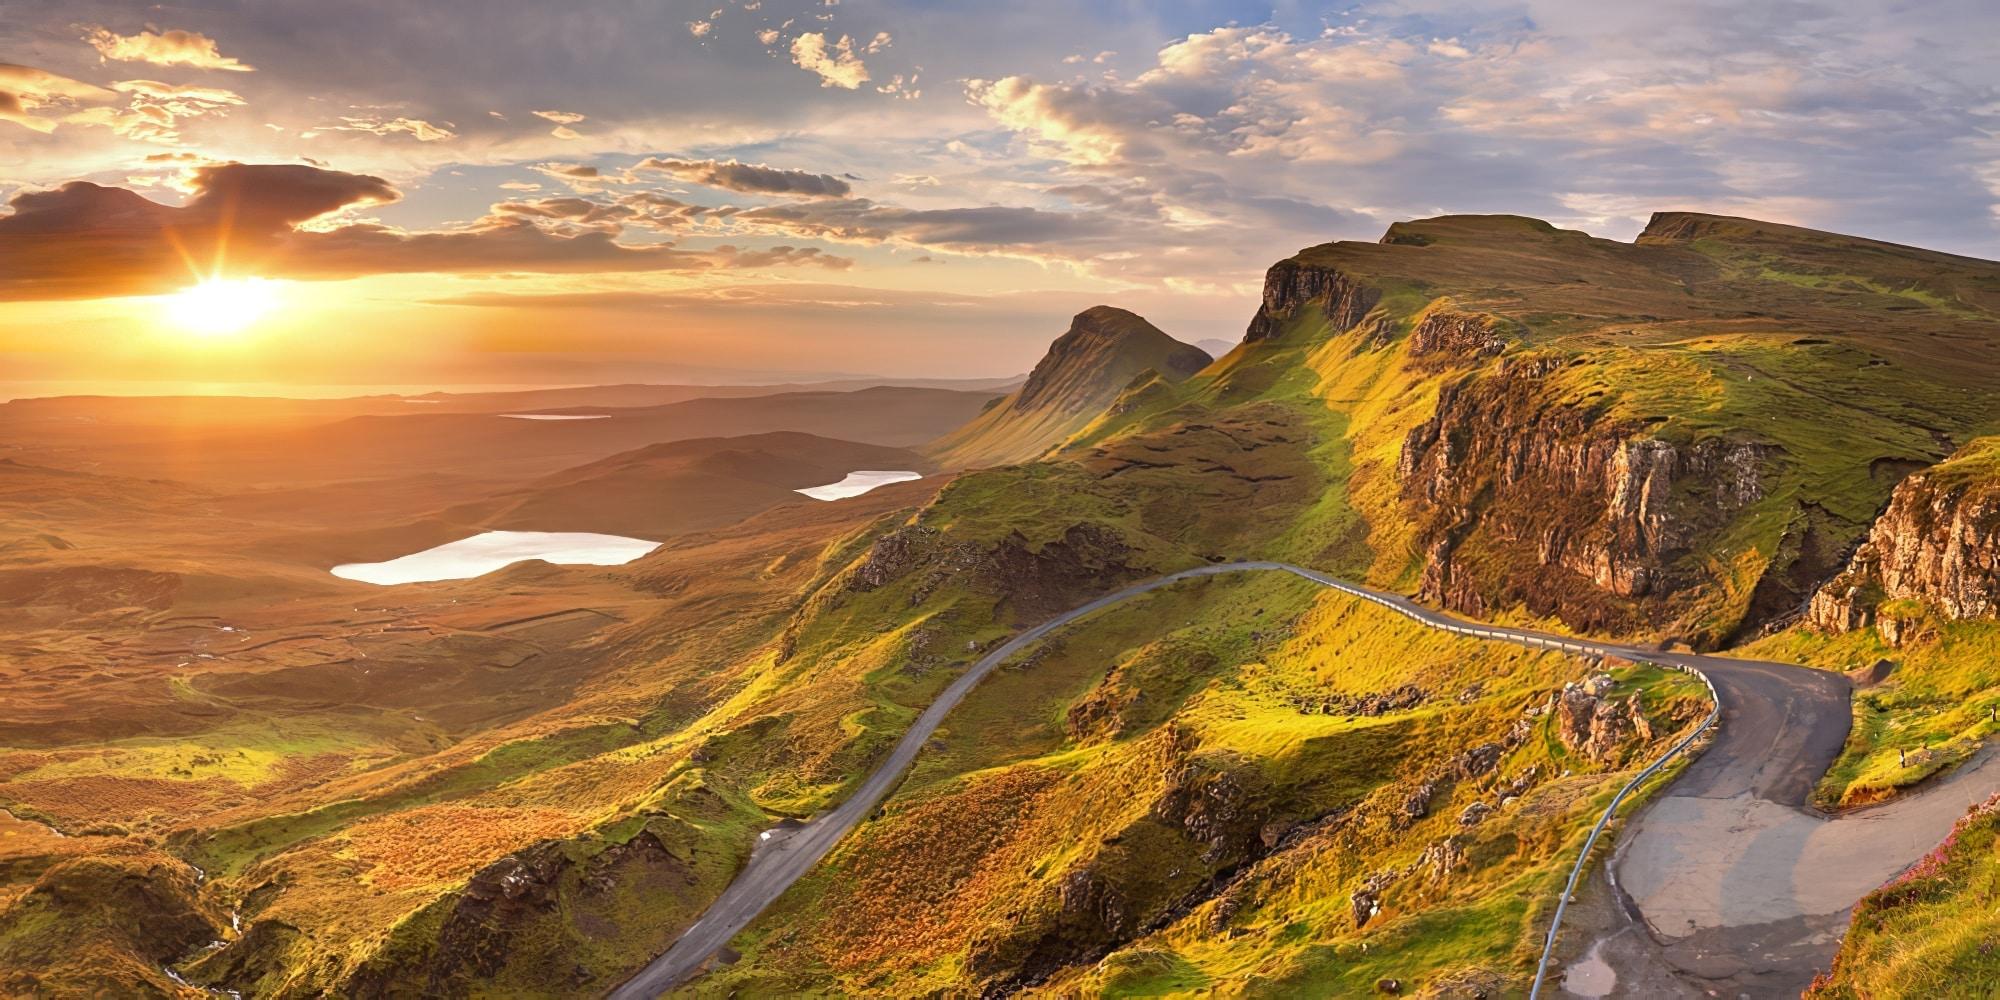 Lever de soleil sur le quai de l'île de Skye en Écosse.